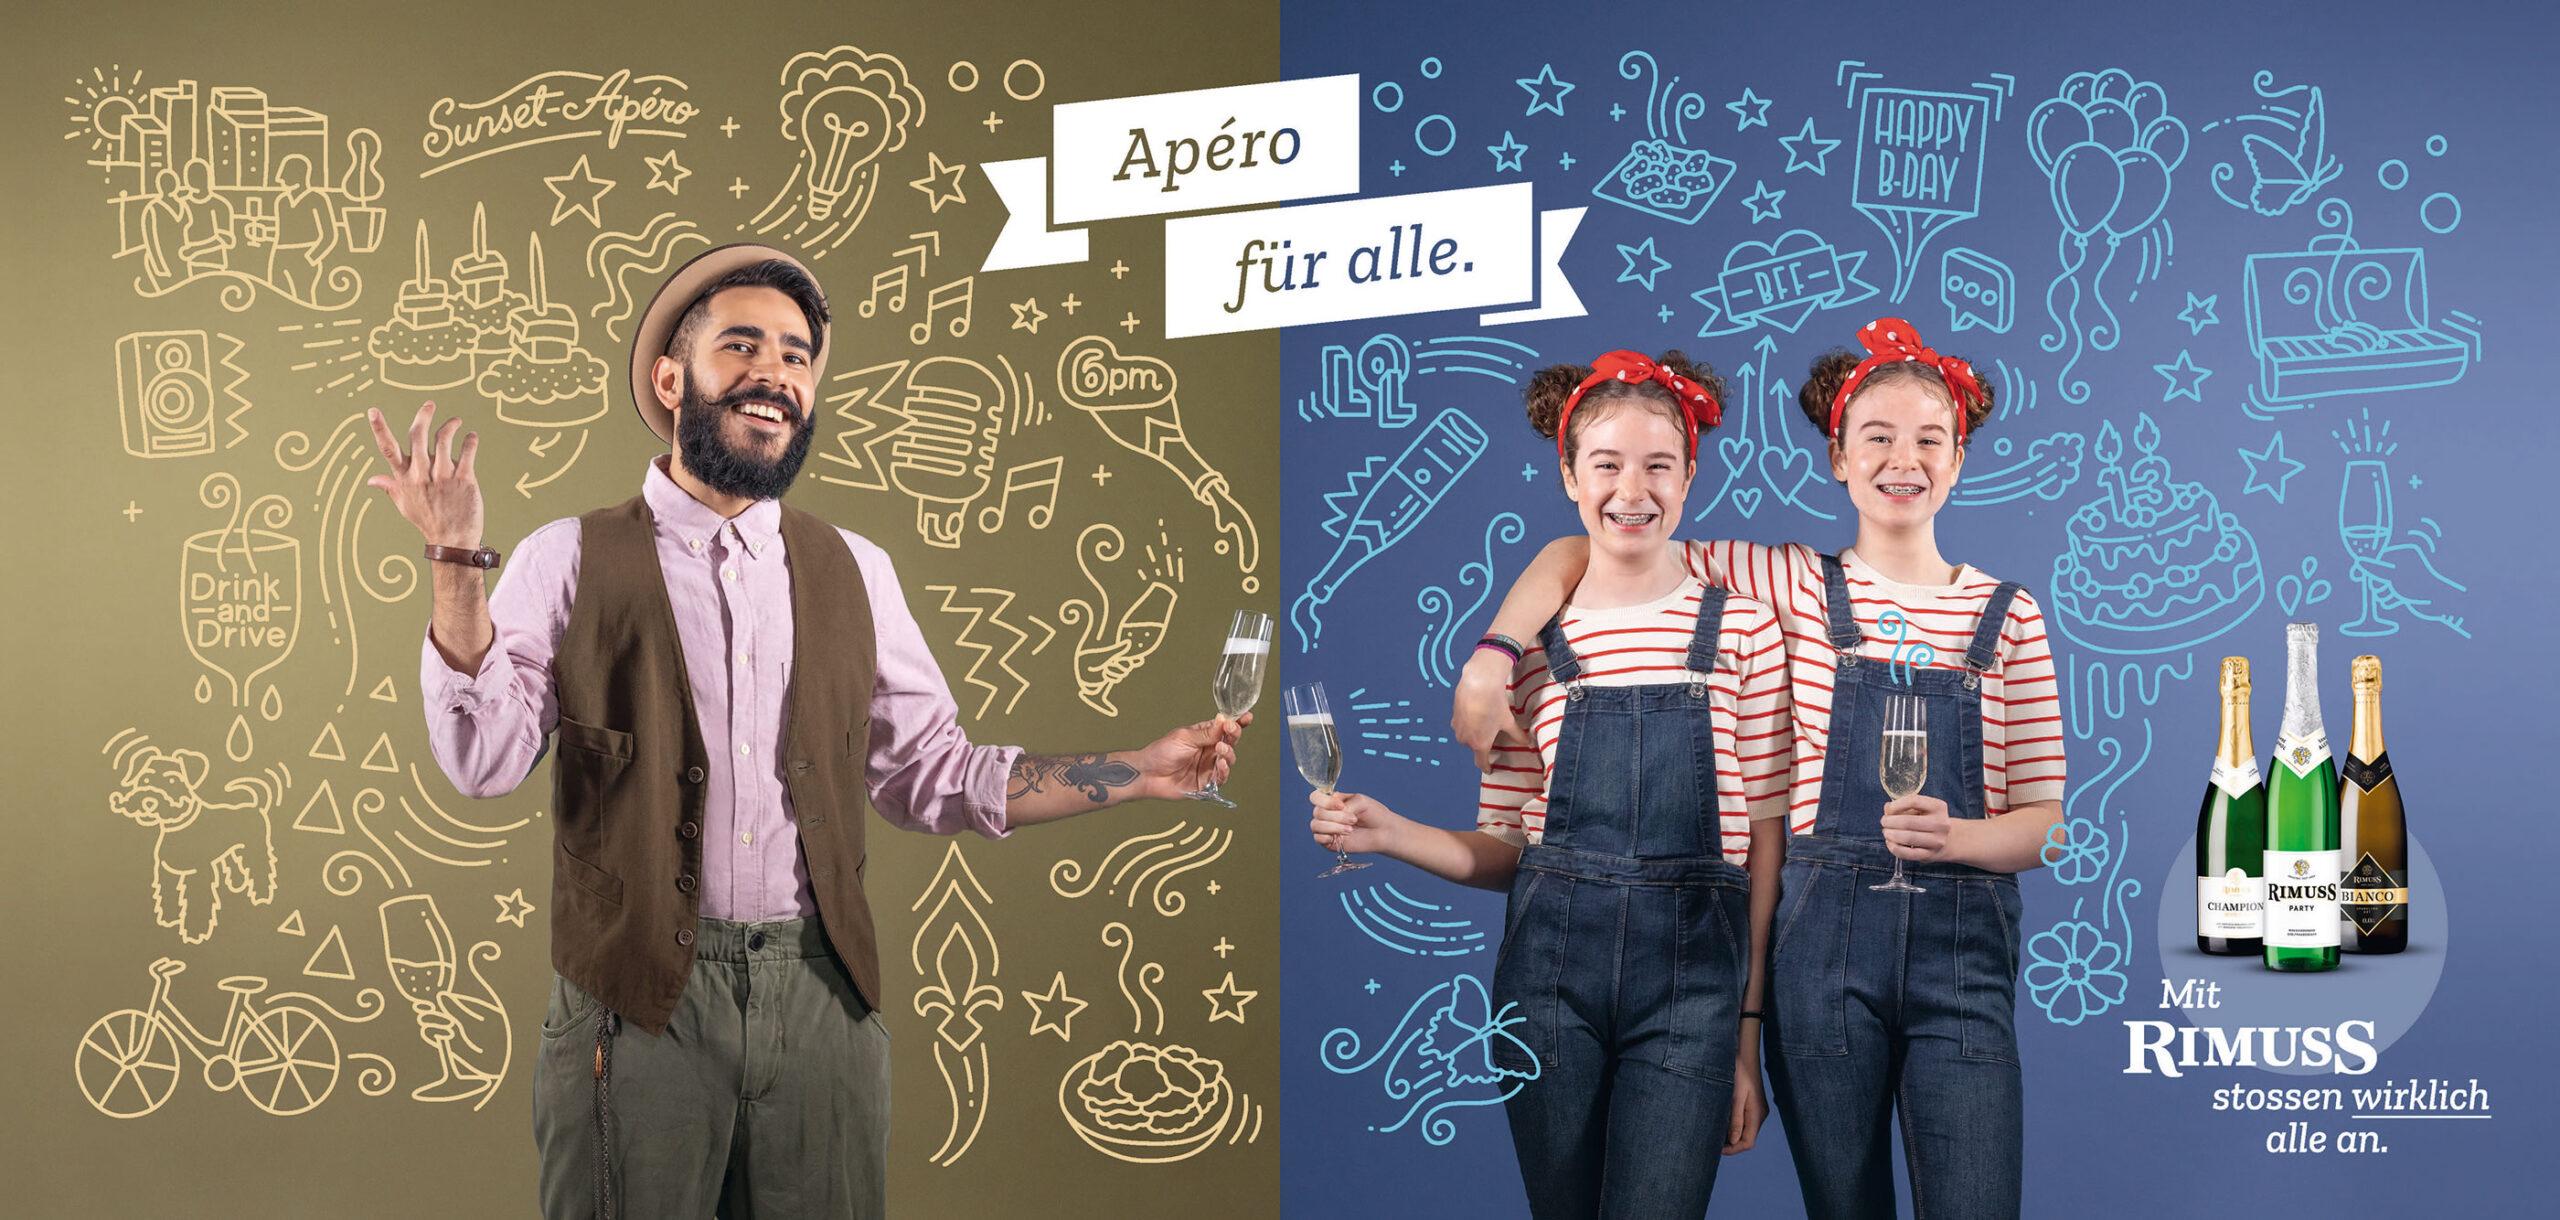 Rimuss Plakat Kampagne mit Hipster und Zwillinge, welche anstossen mit Illustrationen